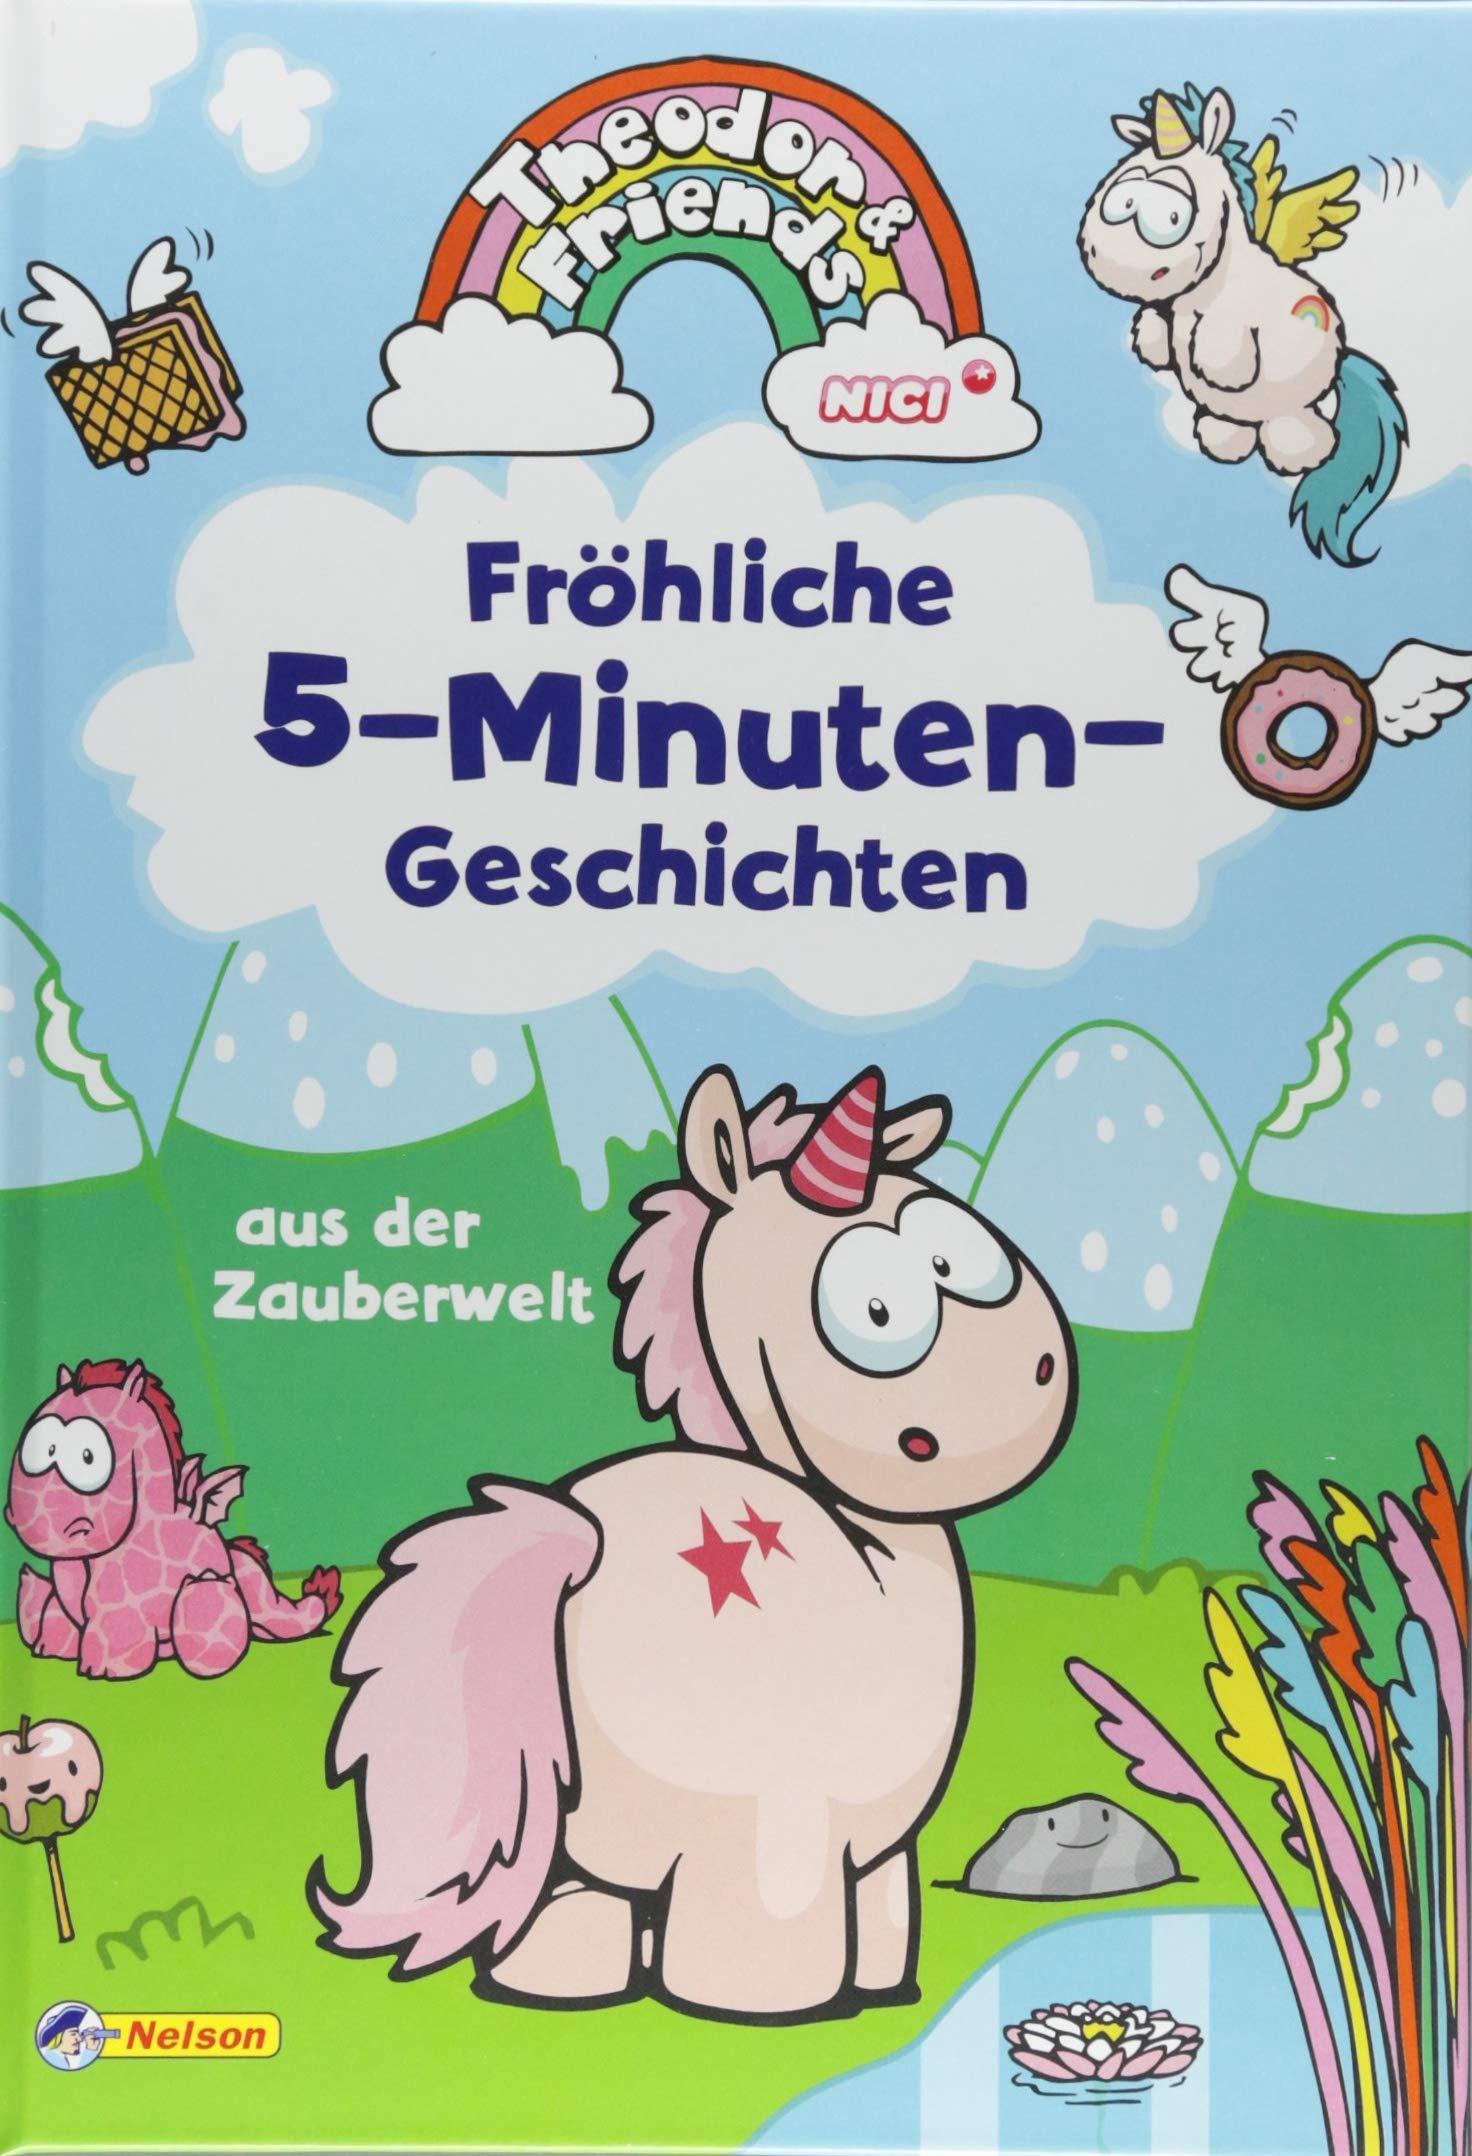 Theodor and Friends: Theodor and Friends: Fröhliche 5-Minuten-Geschichten aus der Zauberwelt: Zum Vor- und Selberlesen